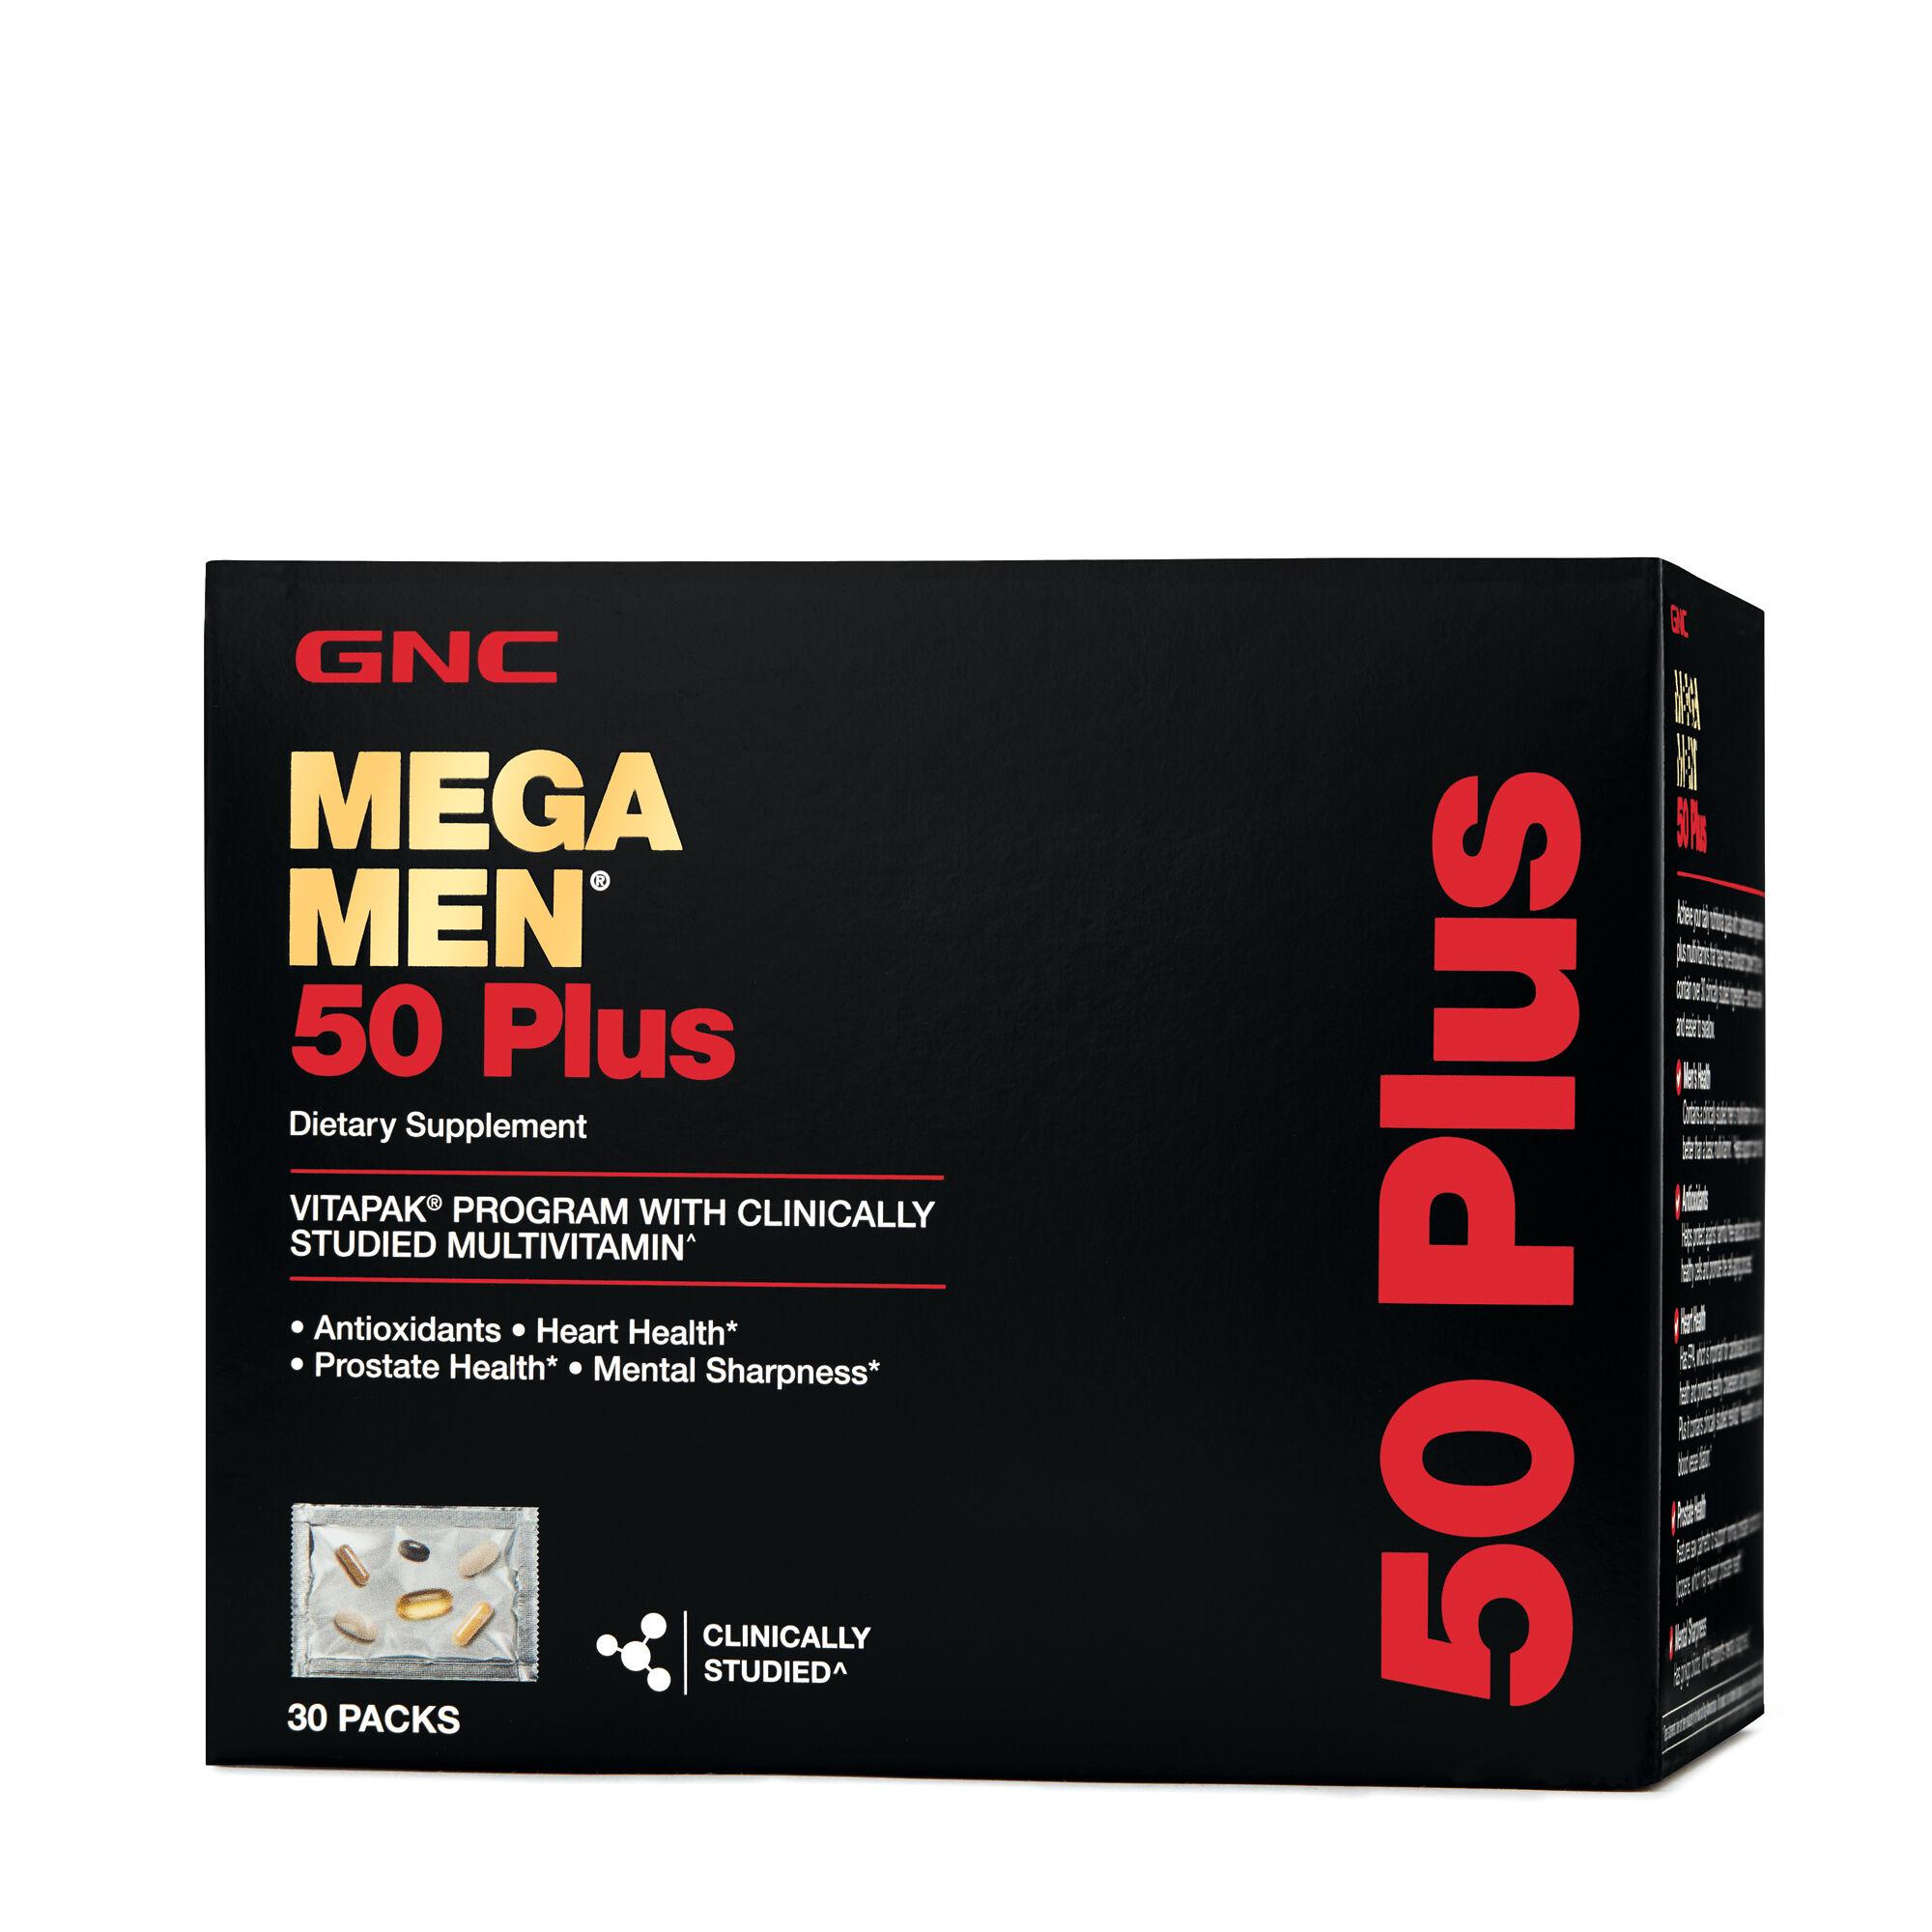 Mega Men Vitamins Up to 55% Off at GNC. Offer Valid: 7/6-7/9